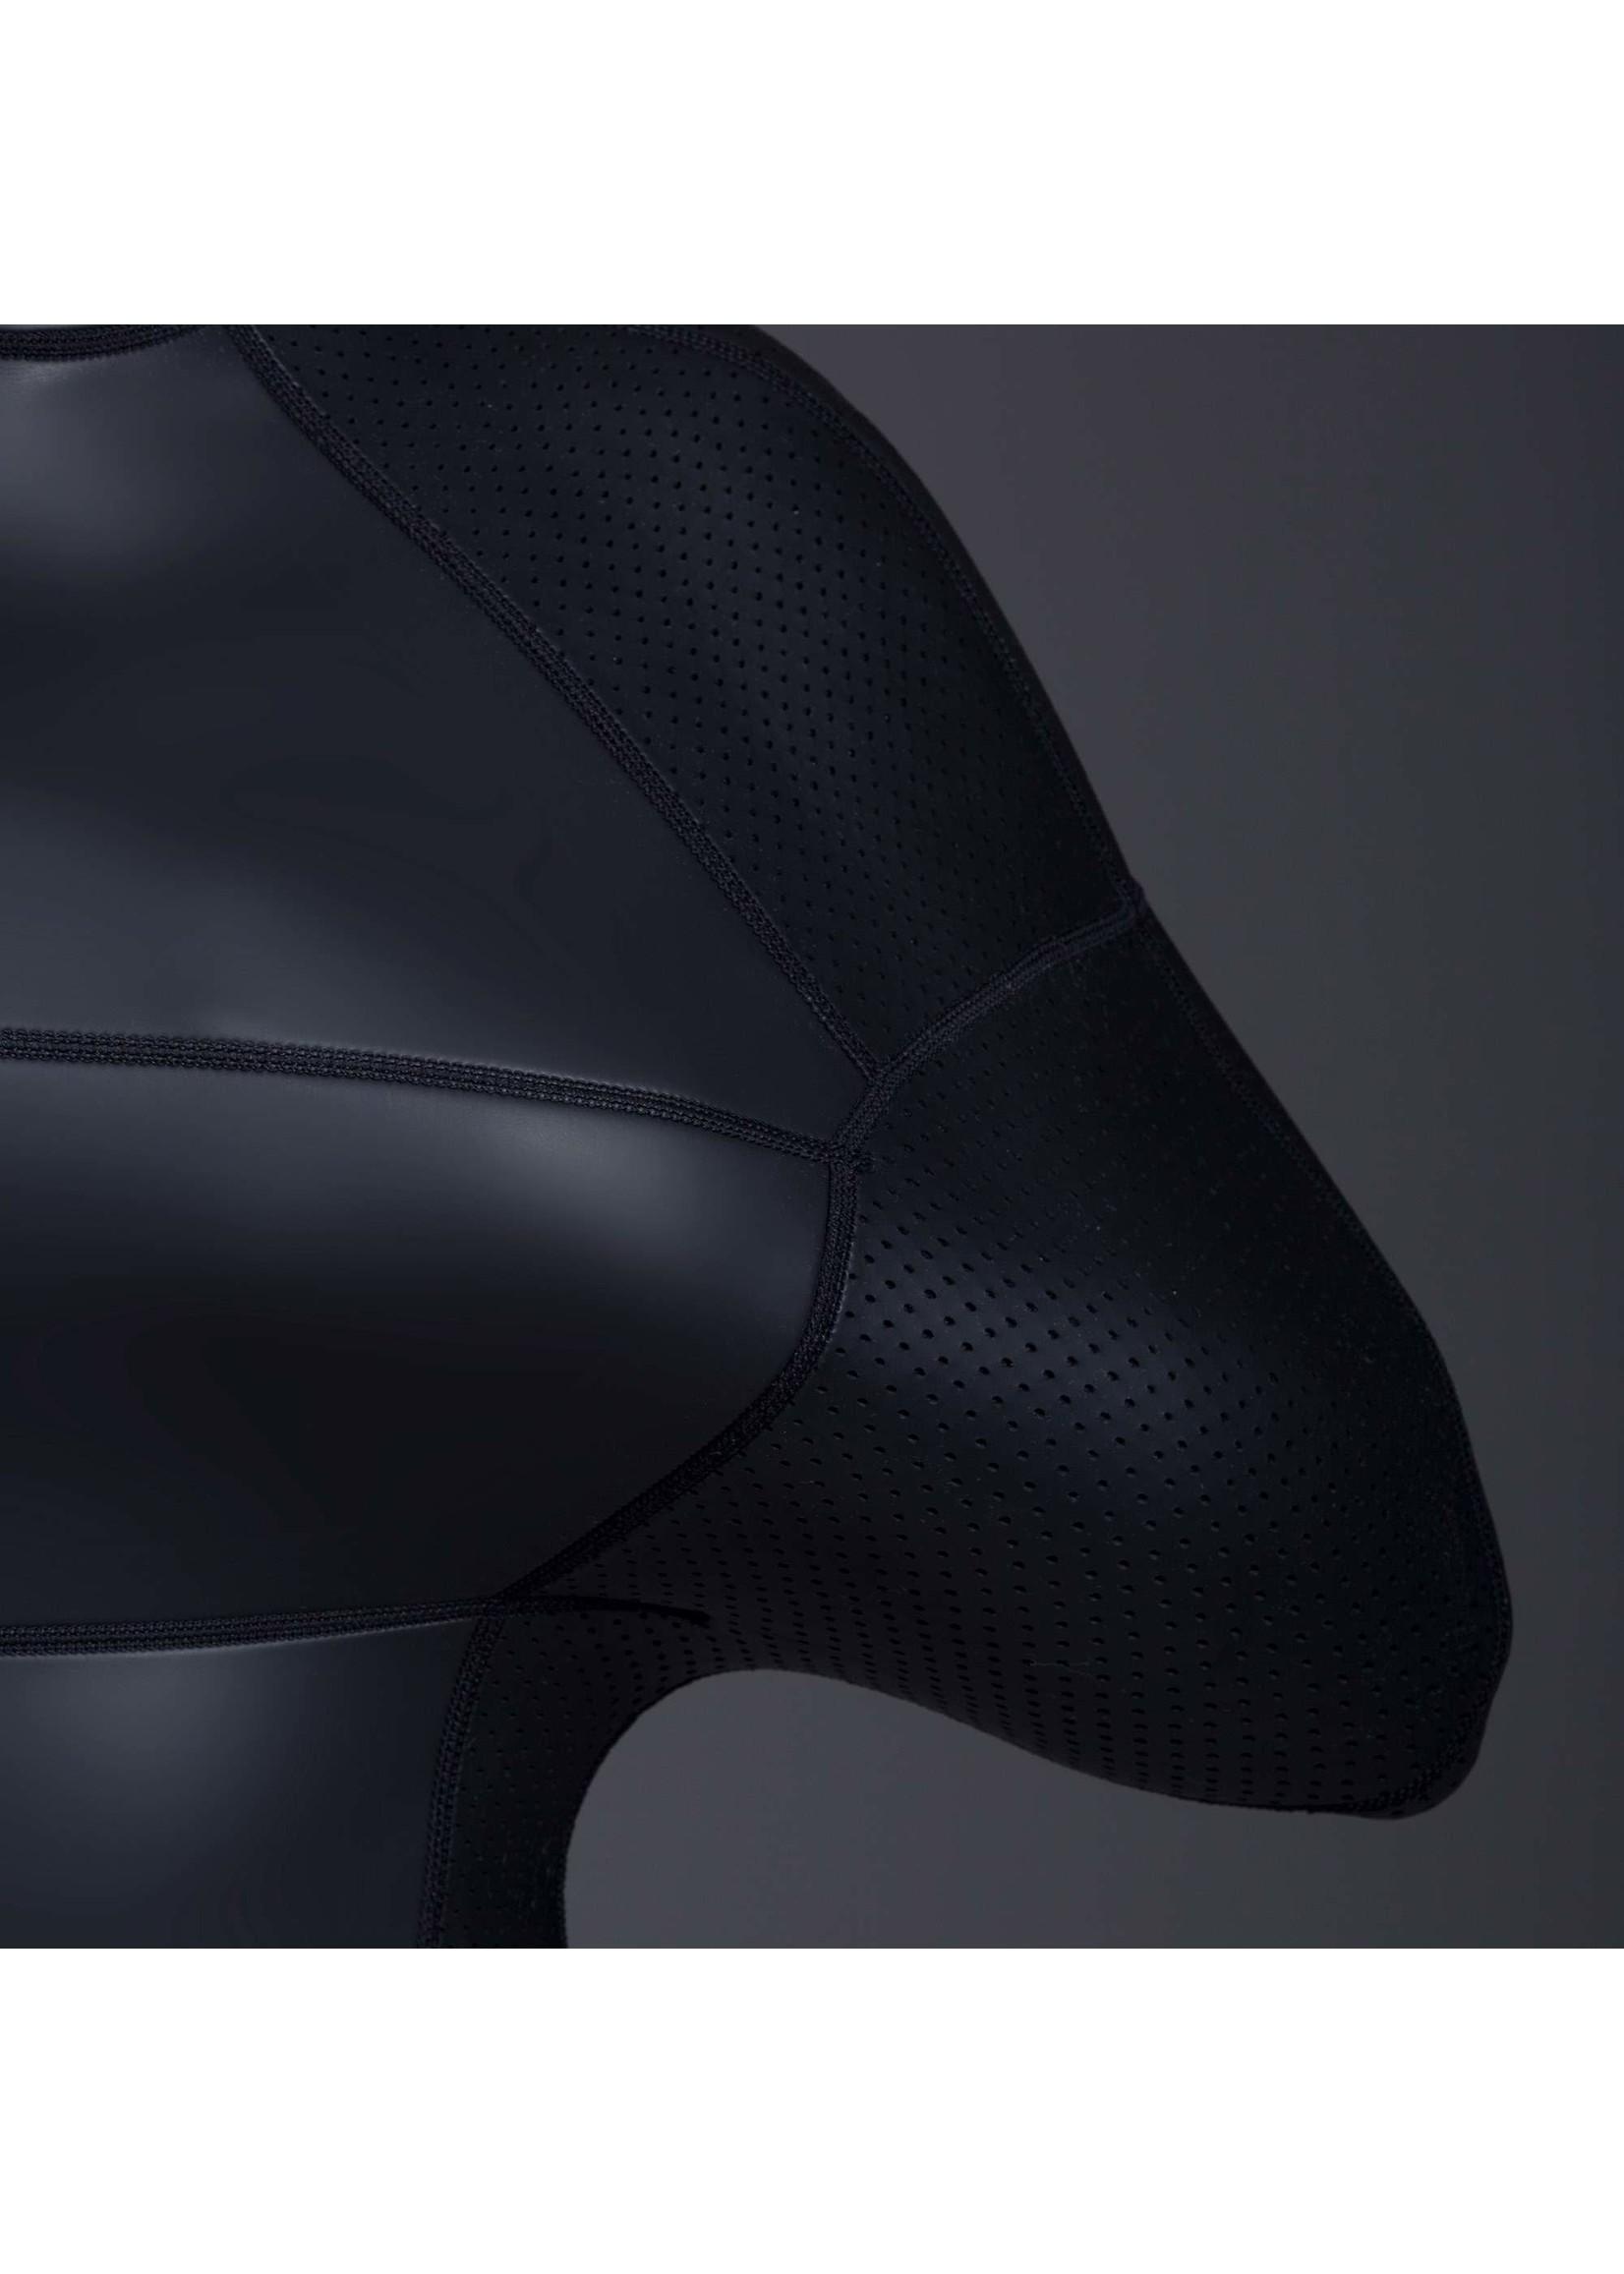 665 Leather 665 Neoprene Pod Suit